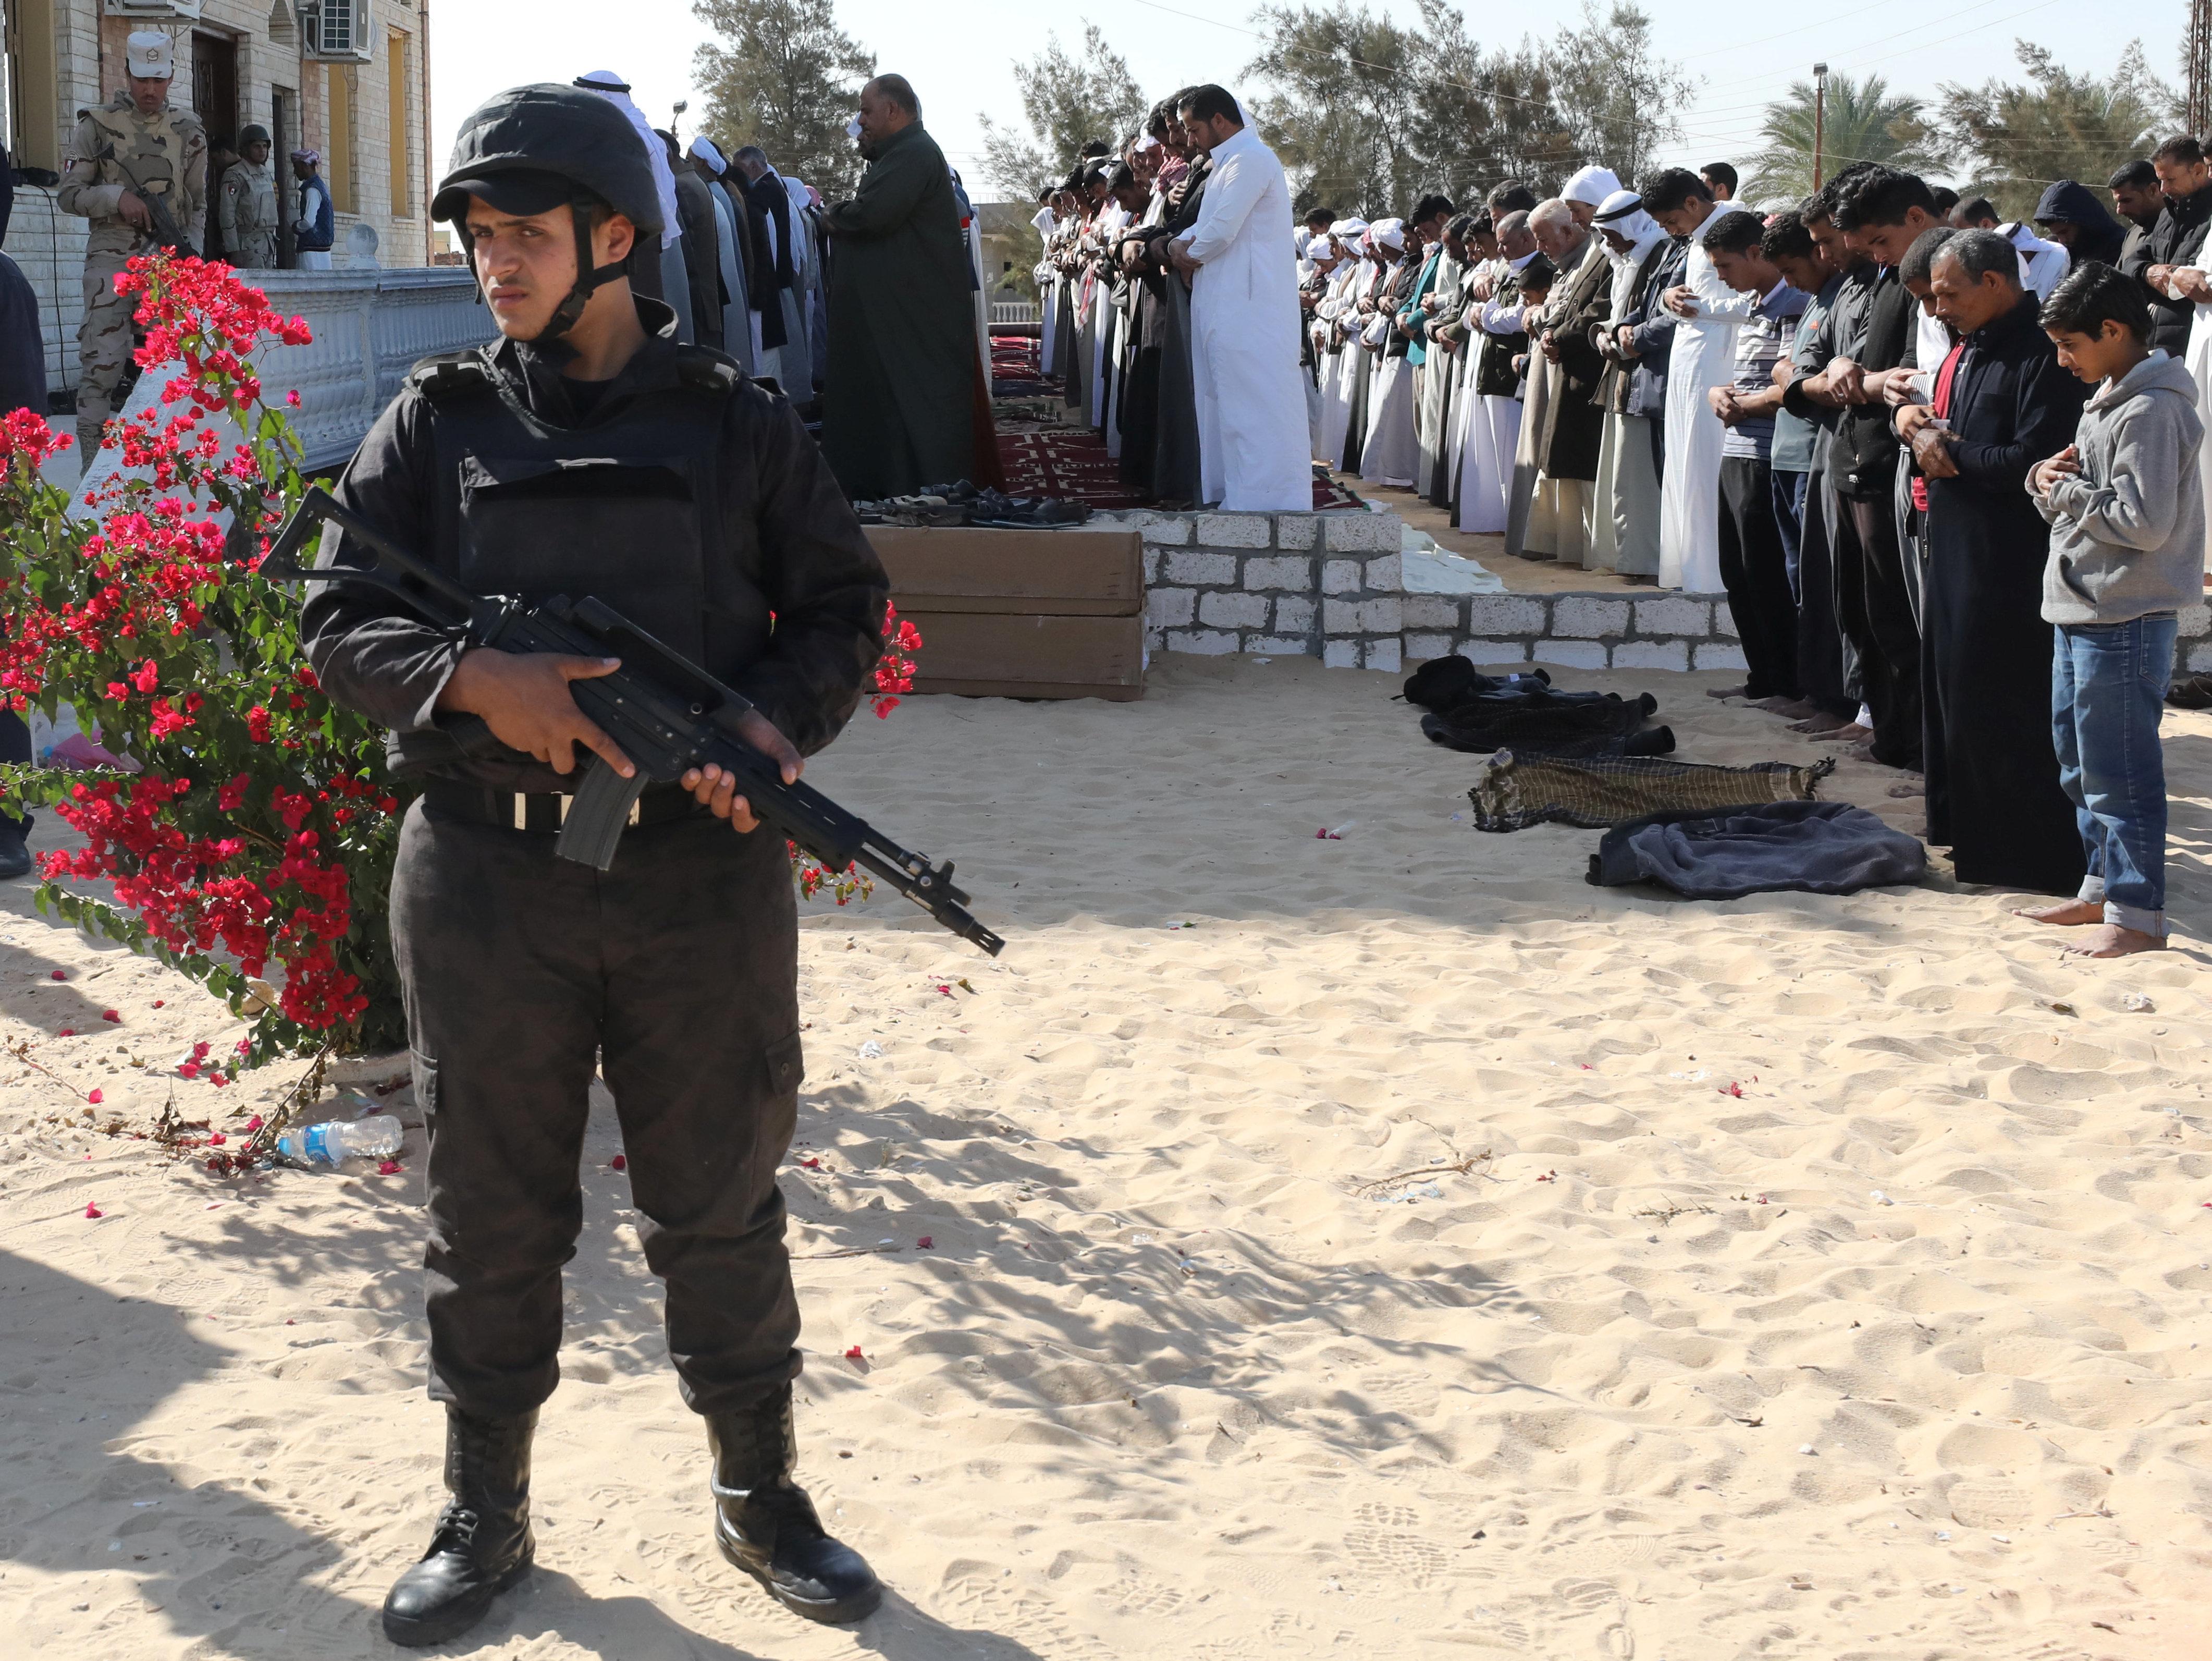 Αίγυπτος: «Κλείδωσε» η θανατική ποινή σε 20